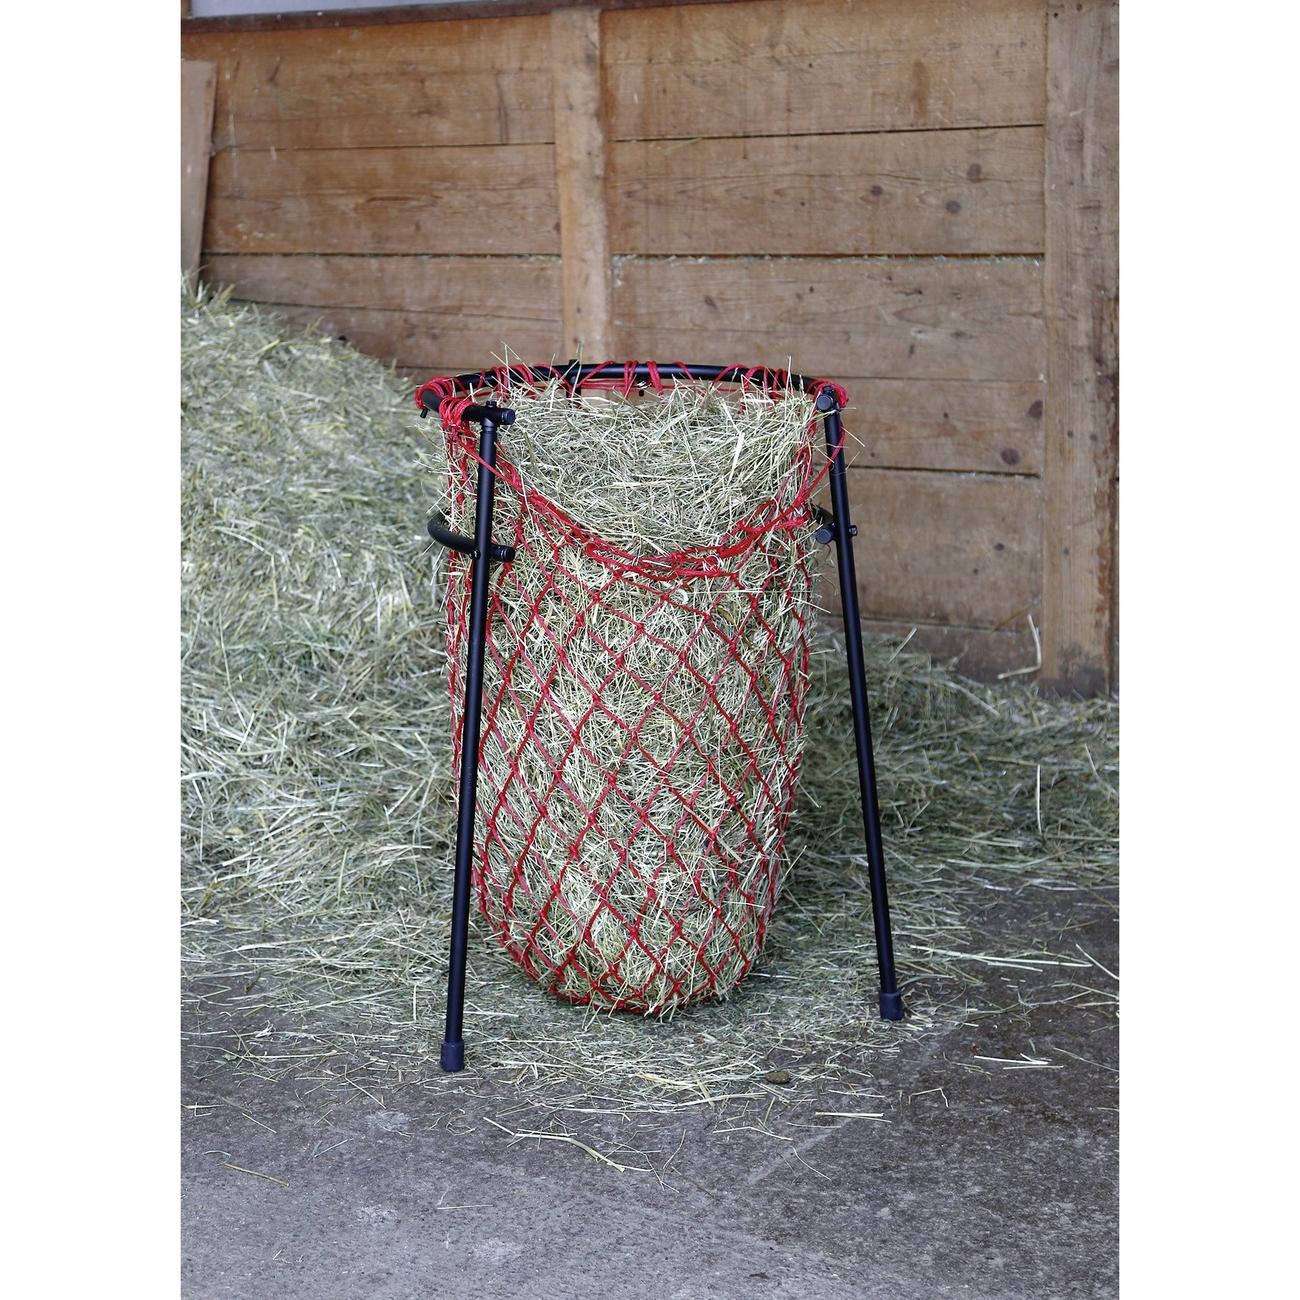 Kerbl Füllhilfe für Heunetze, Bild 2